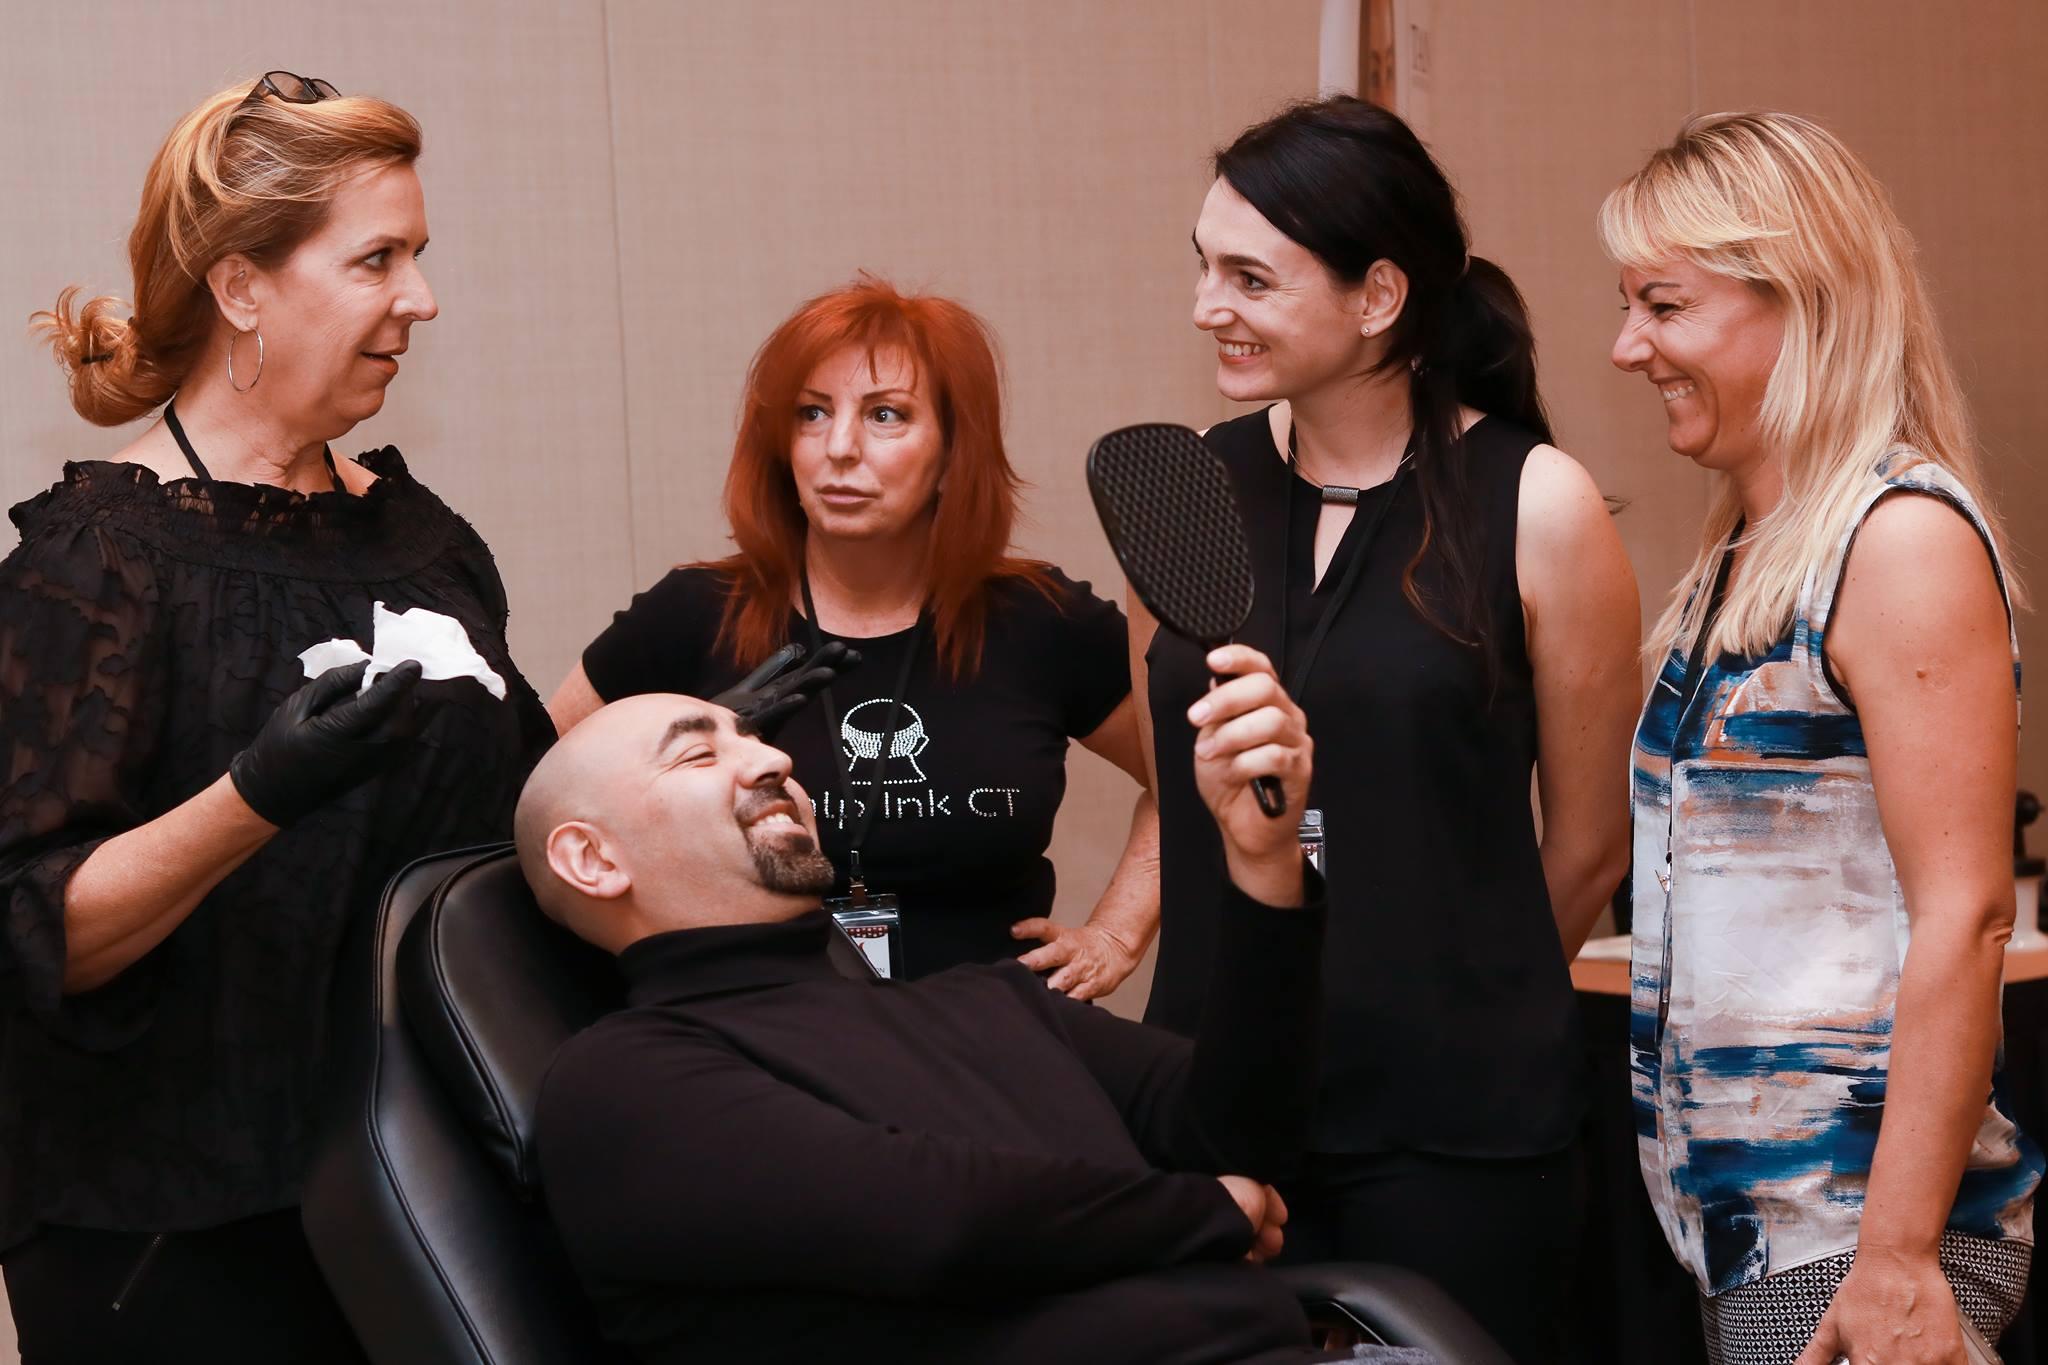 scalp micropigmentation in San Diego